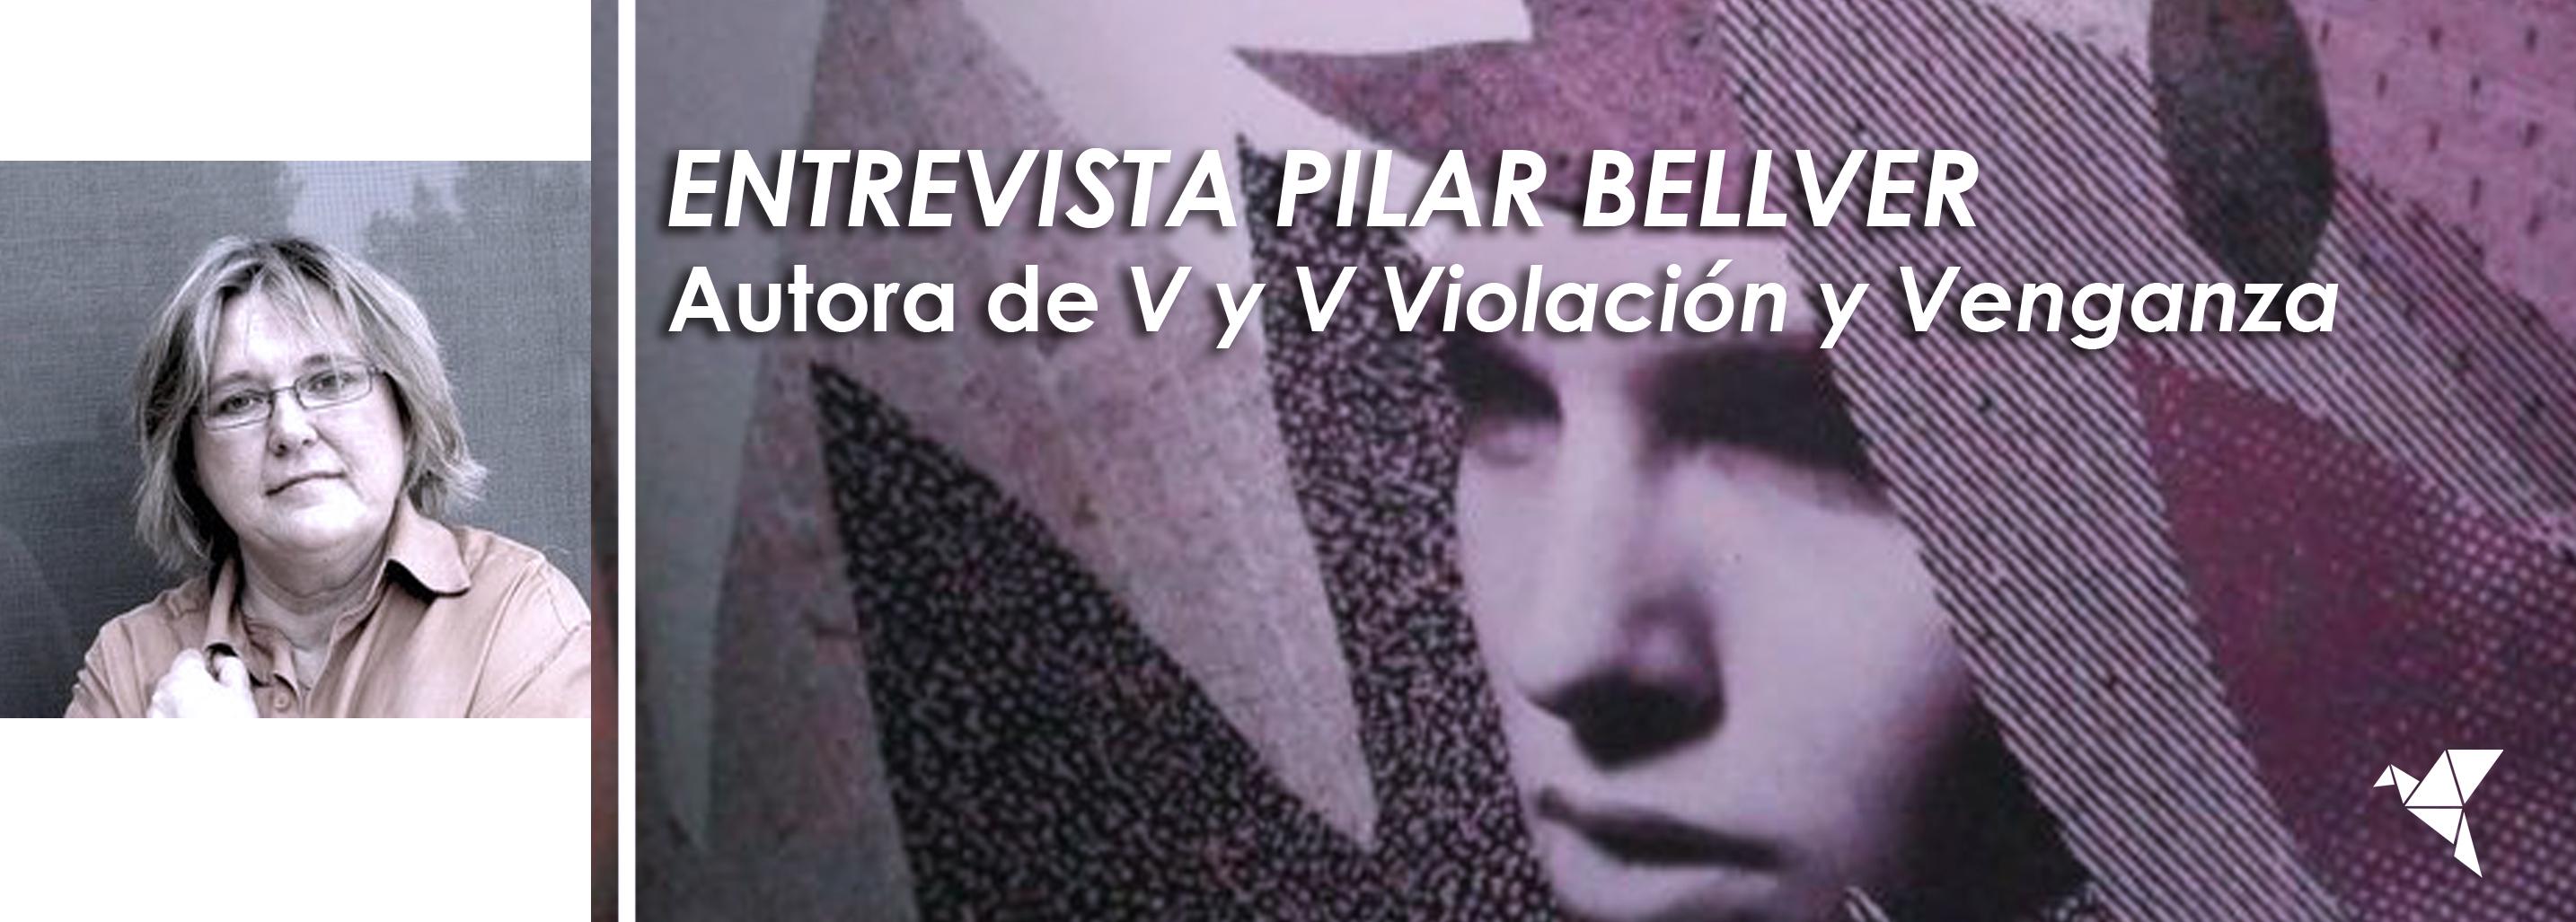 """Entrevista a Pilar Bellver: """"Las dos realidades son verdad al mismo tiempo: que [la literatura masculina] aún es predominante y que está en decadencia"""""""